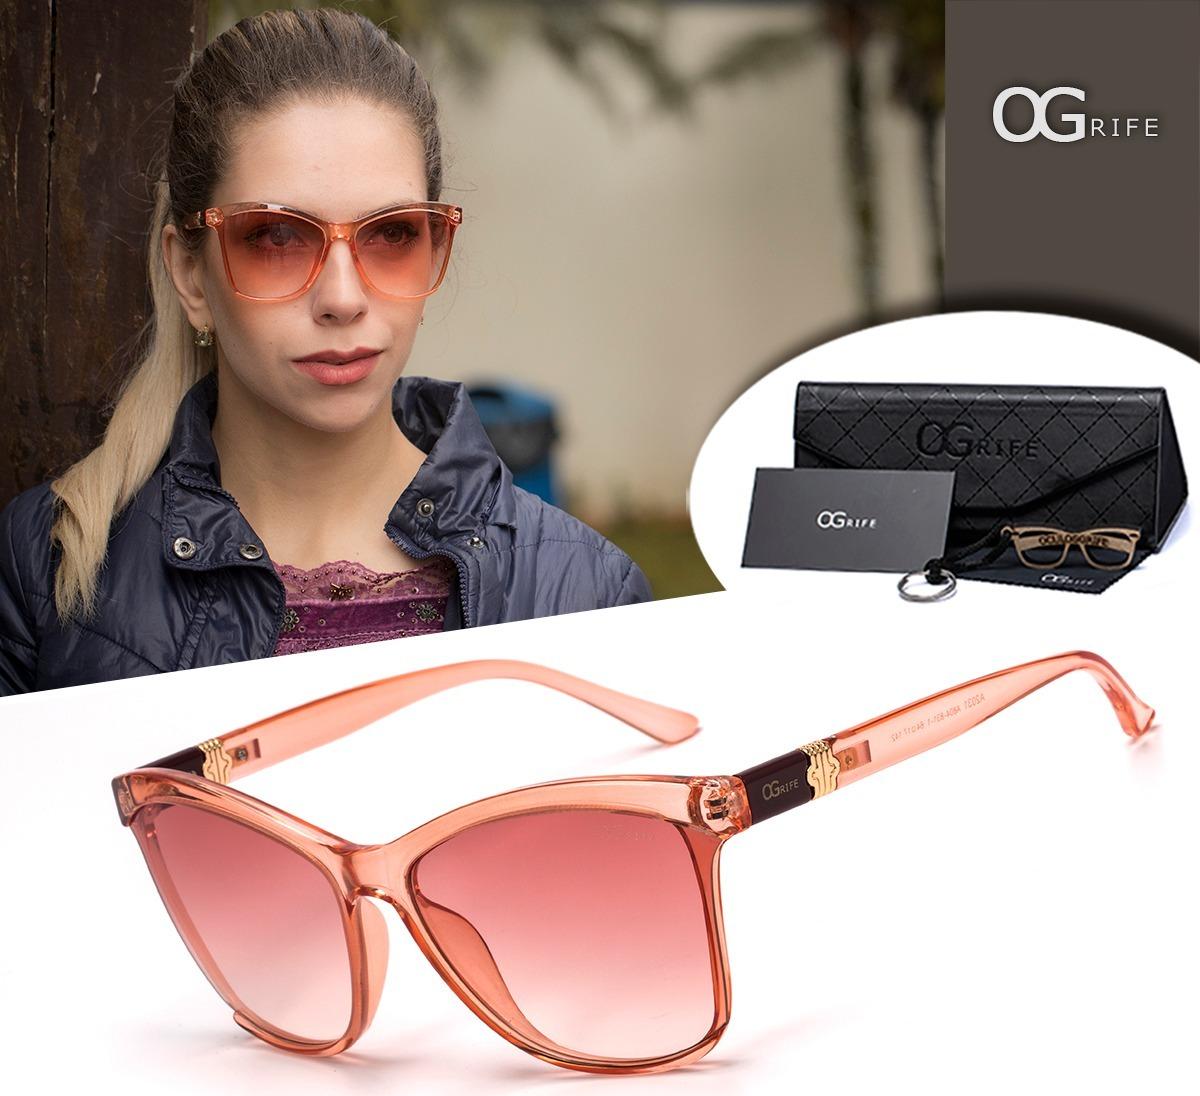 9ff1447057e04 Oculos Ogrife Solar Og 1046-c Feminino Proteção Uv Original - R  90 ...